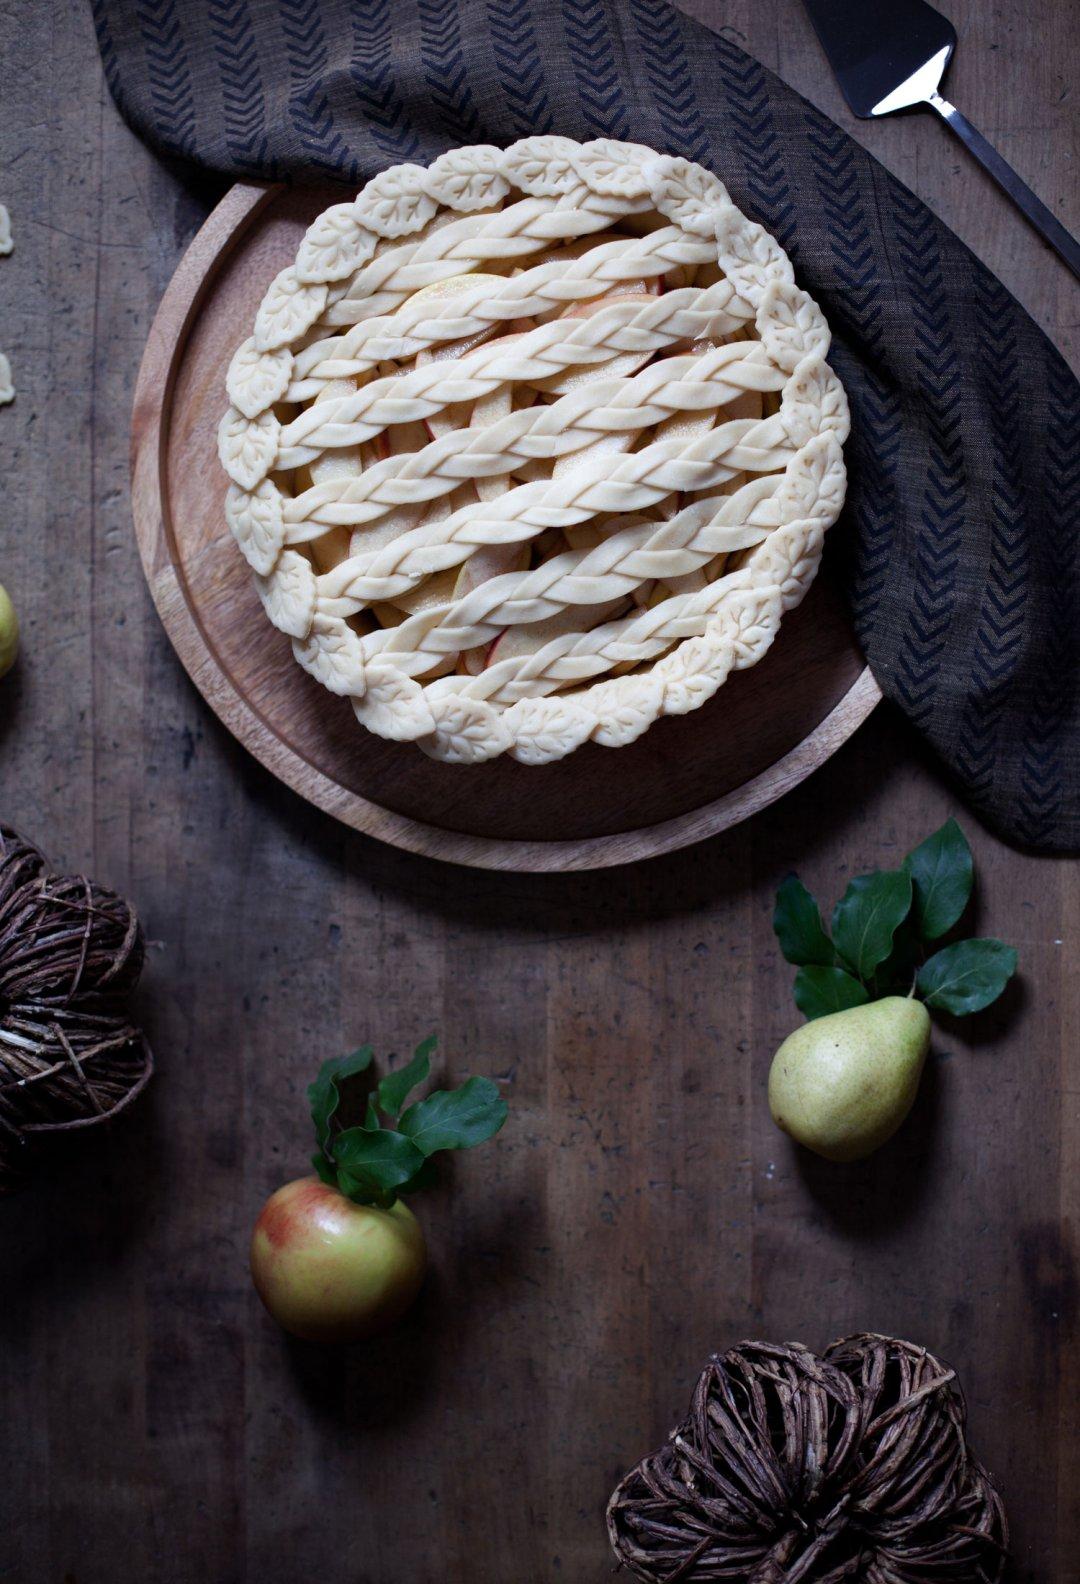 Cross-hatch pie crust pattern on an raw pie on a wood countertop